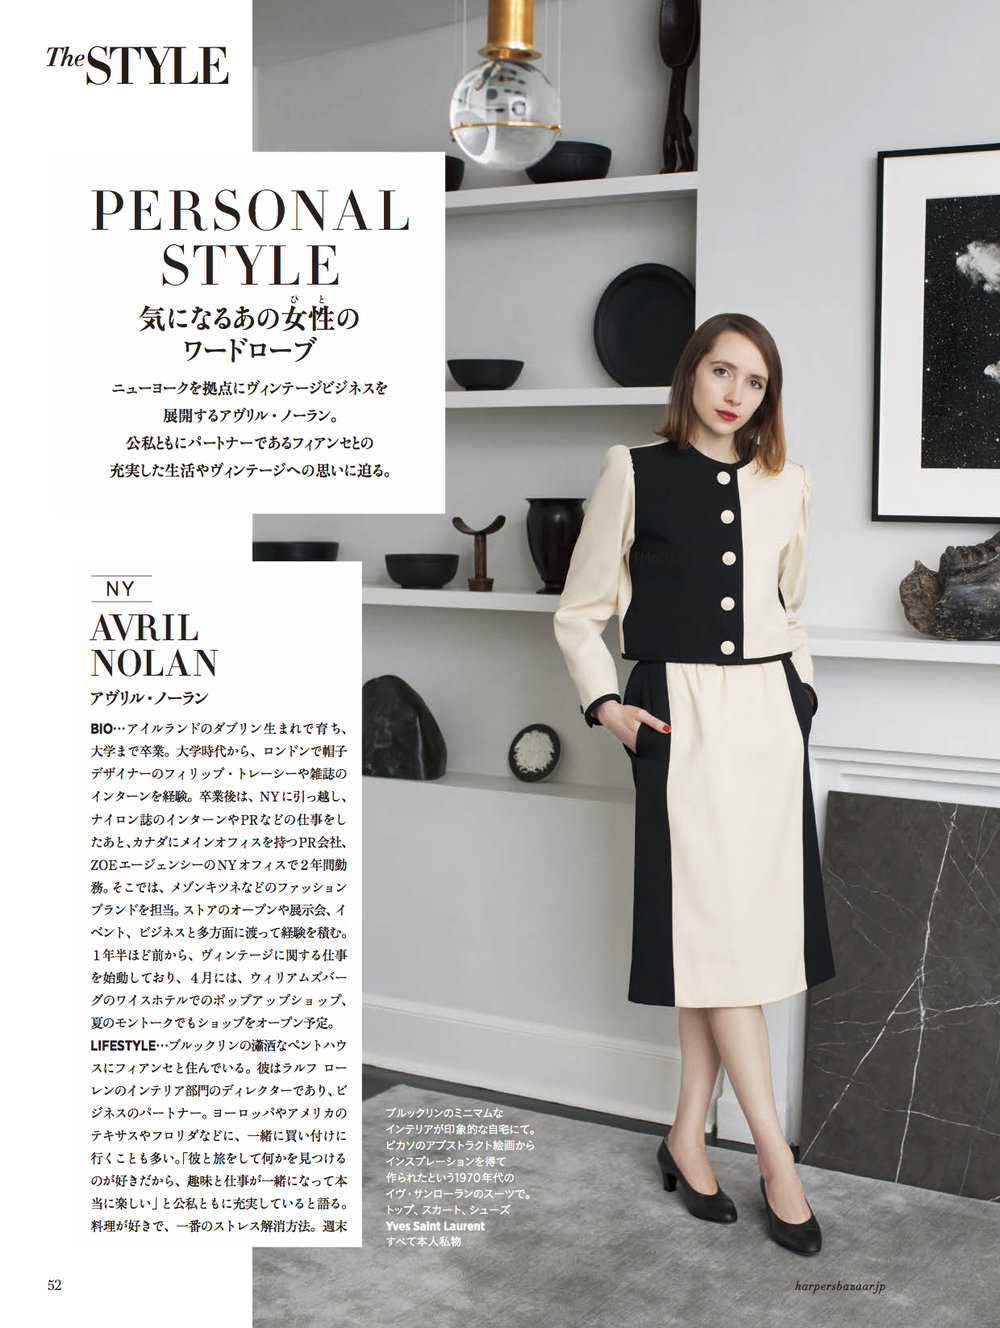 Harpers Bazaar, Japan September 2017, Personal Style